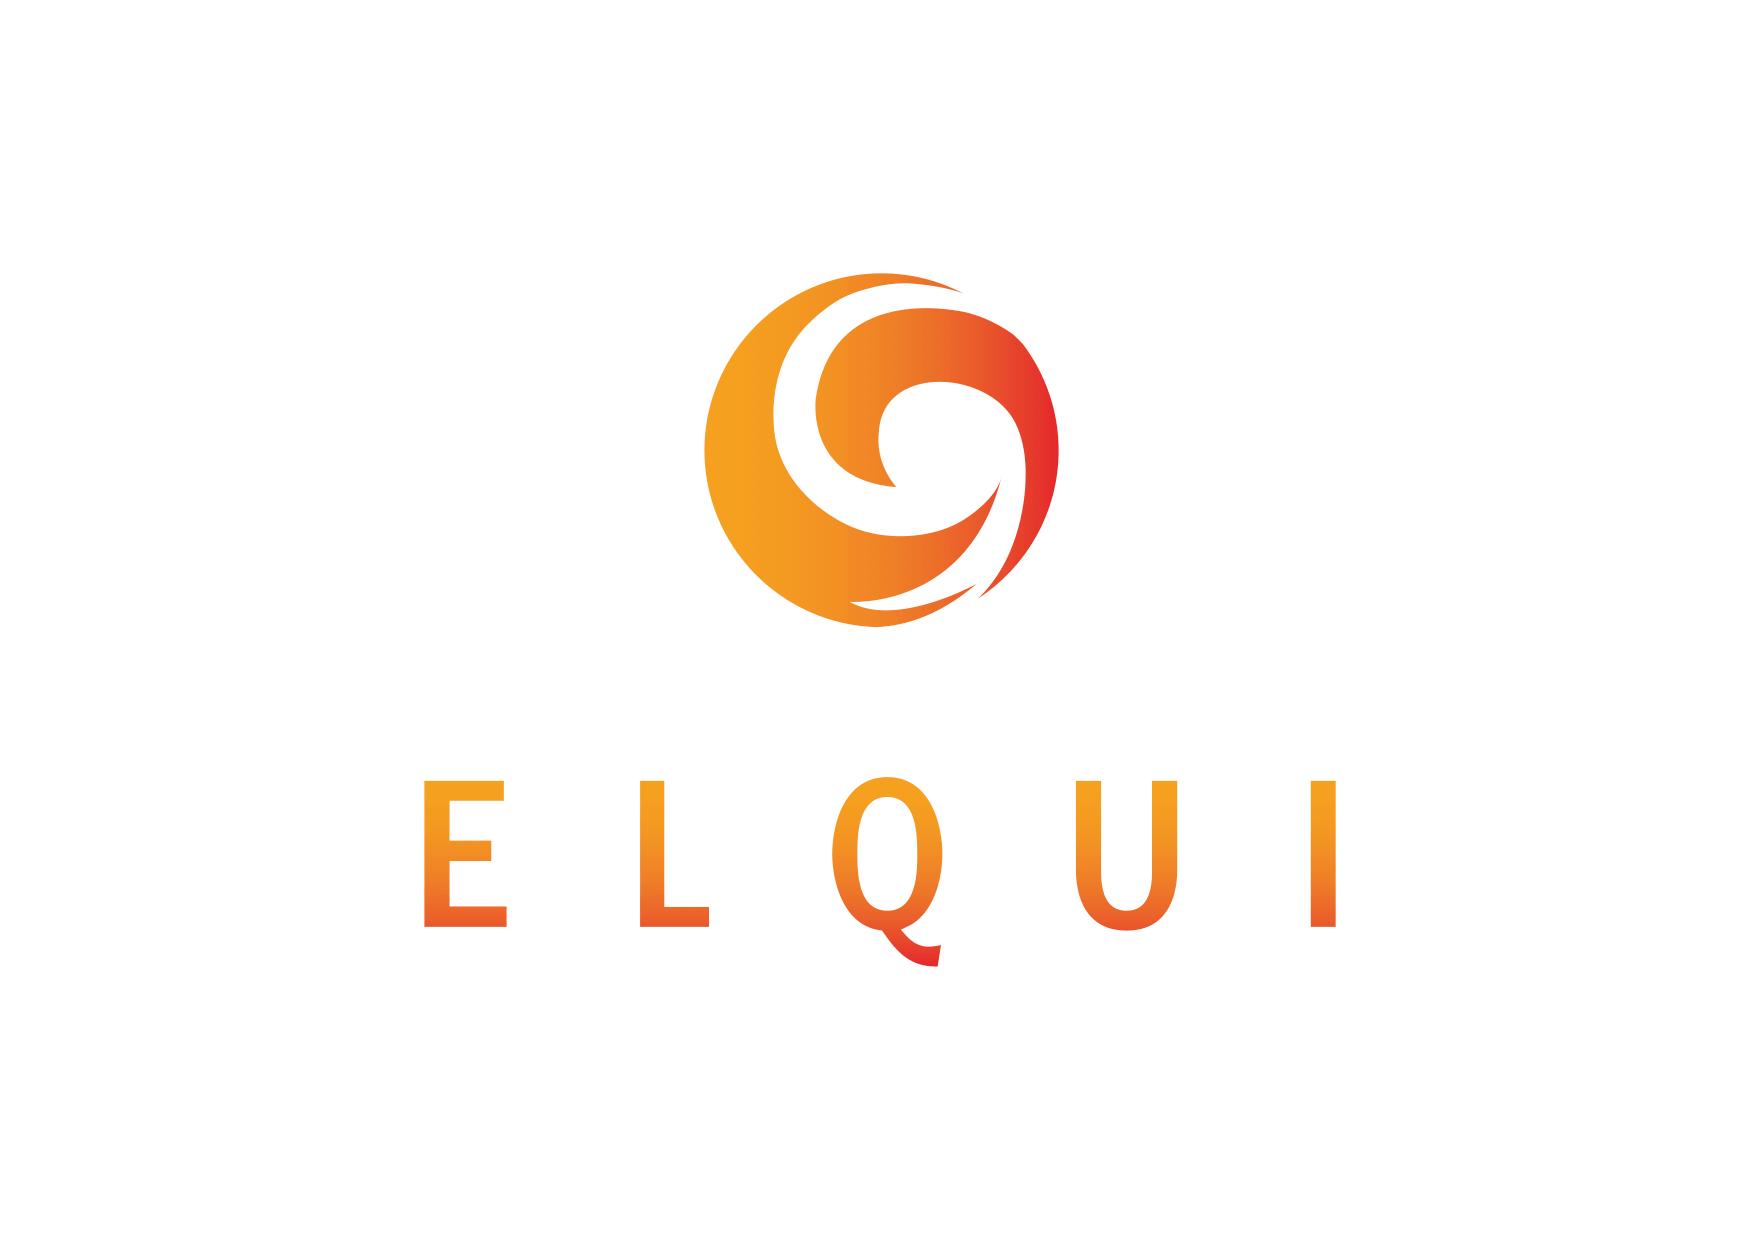 Elqui